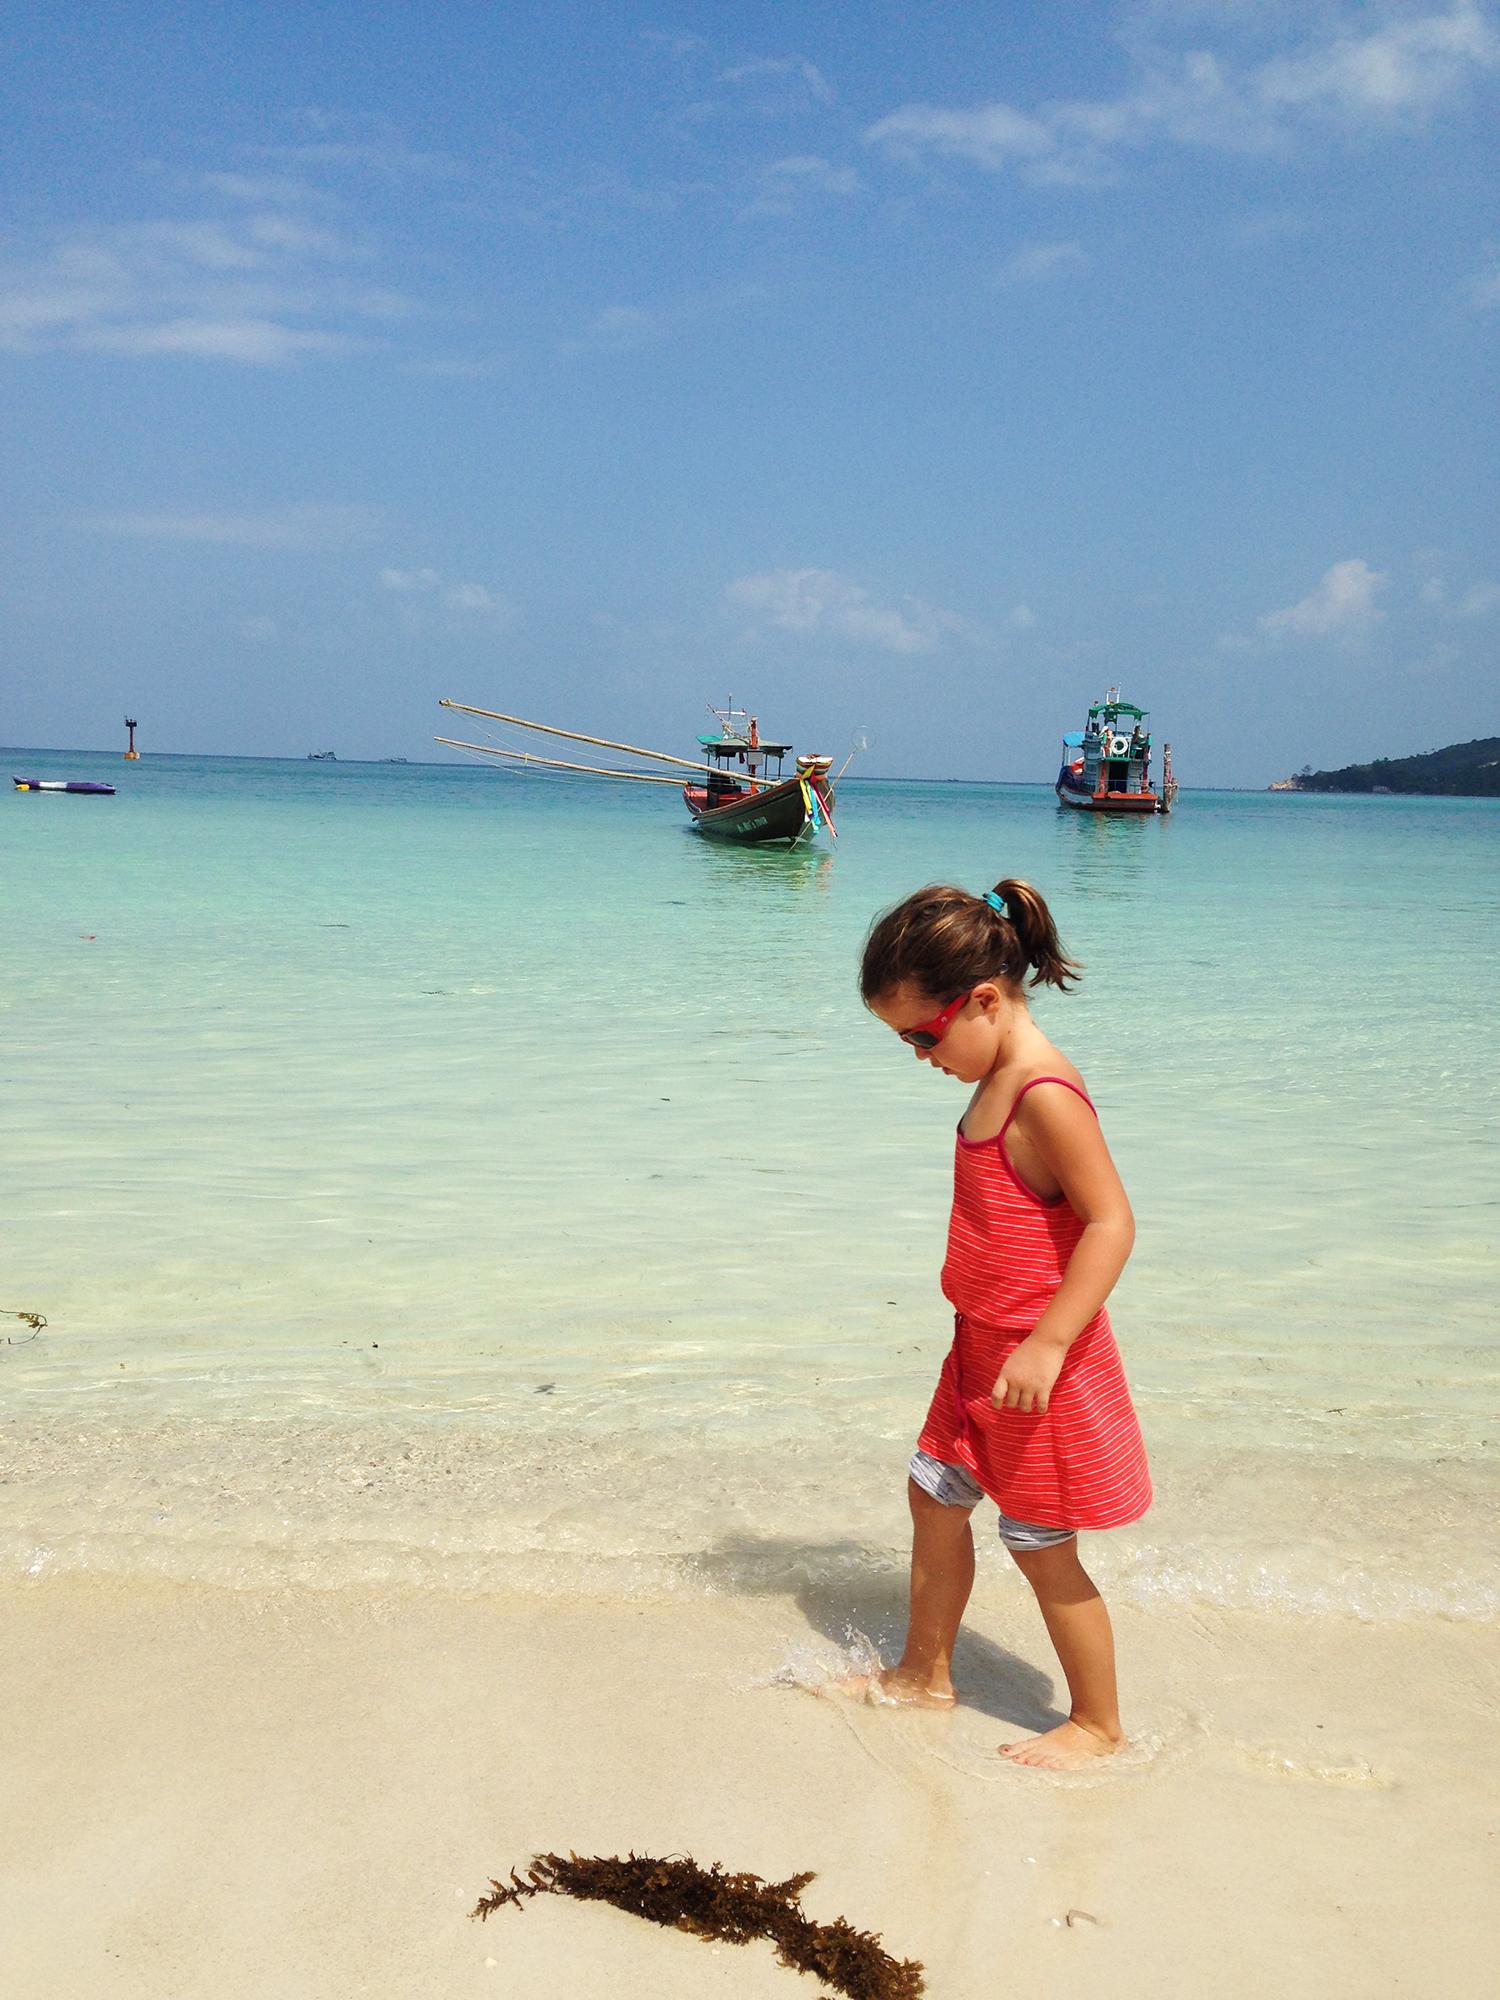 femme-voyage-thailande (1).jpeg